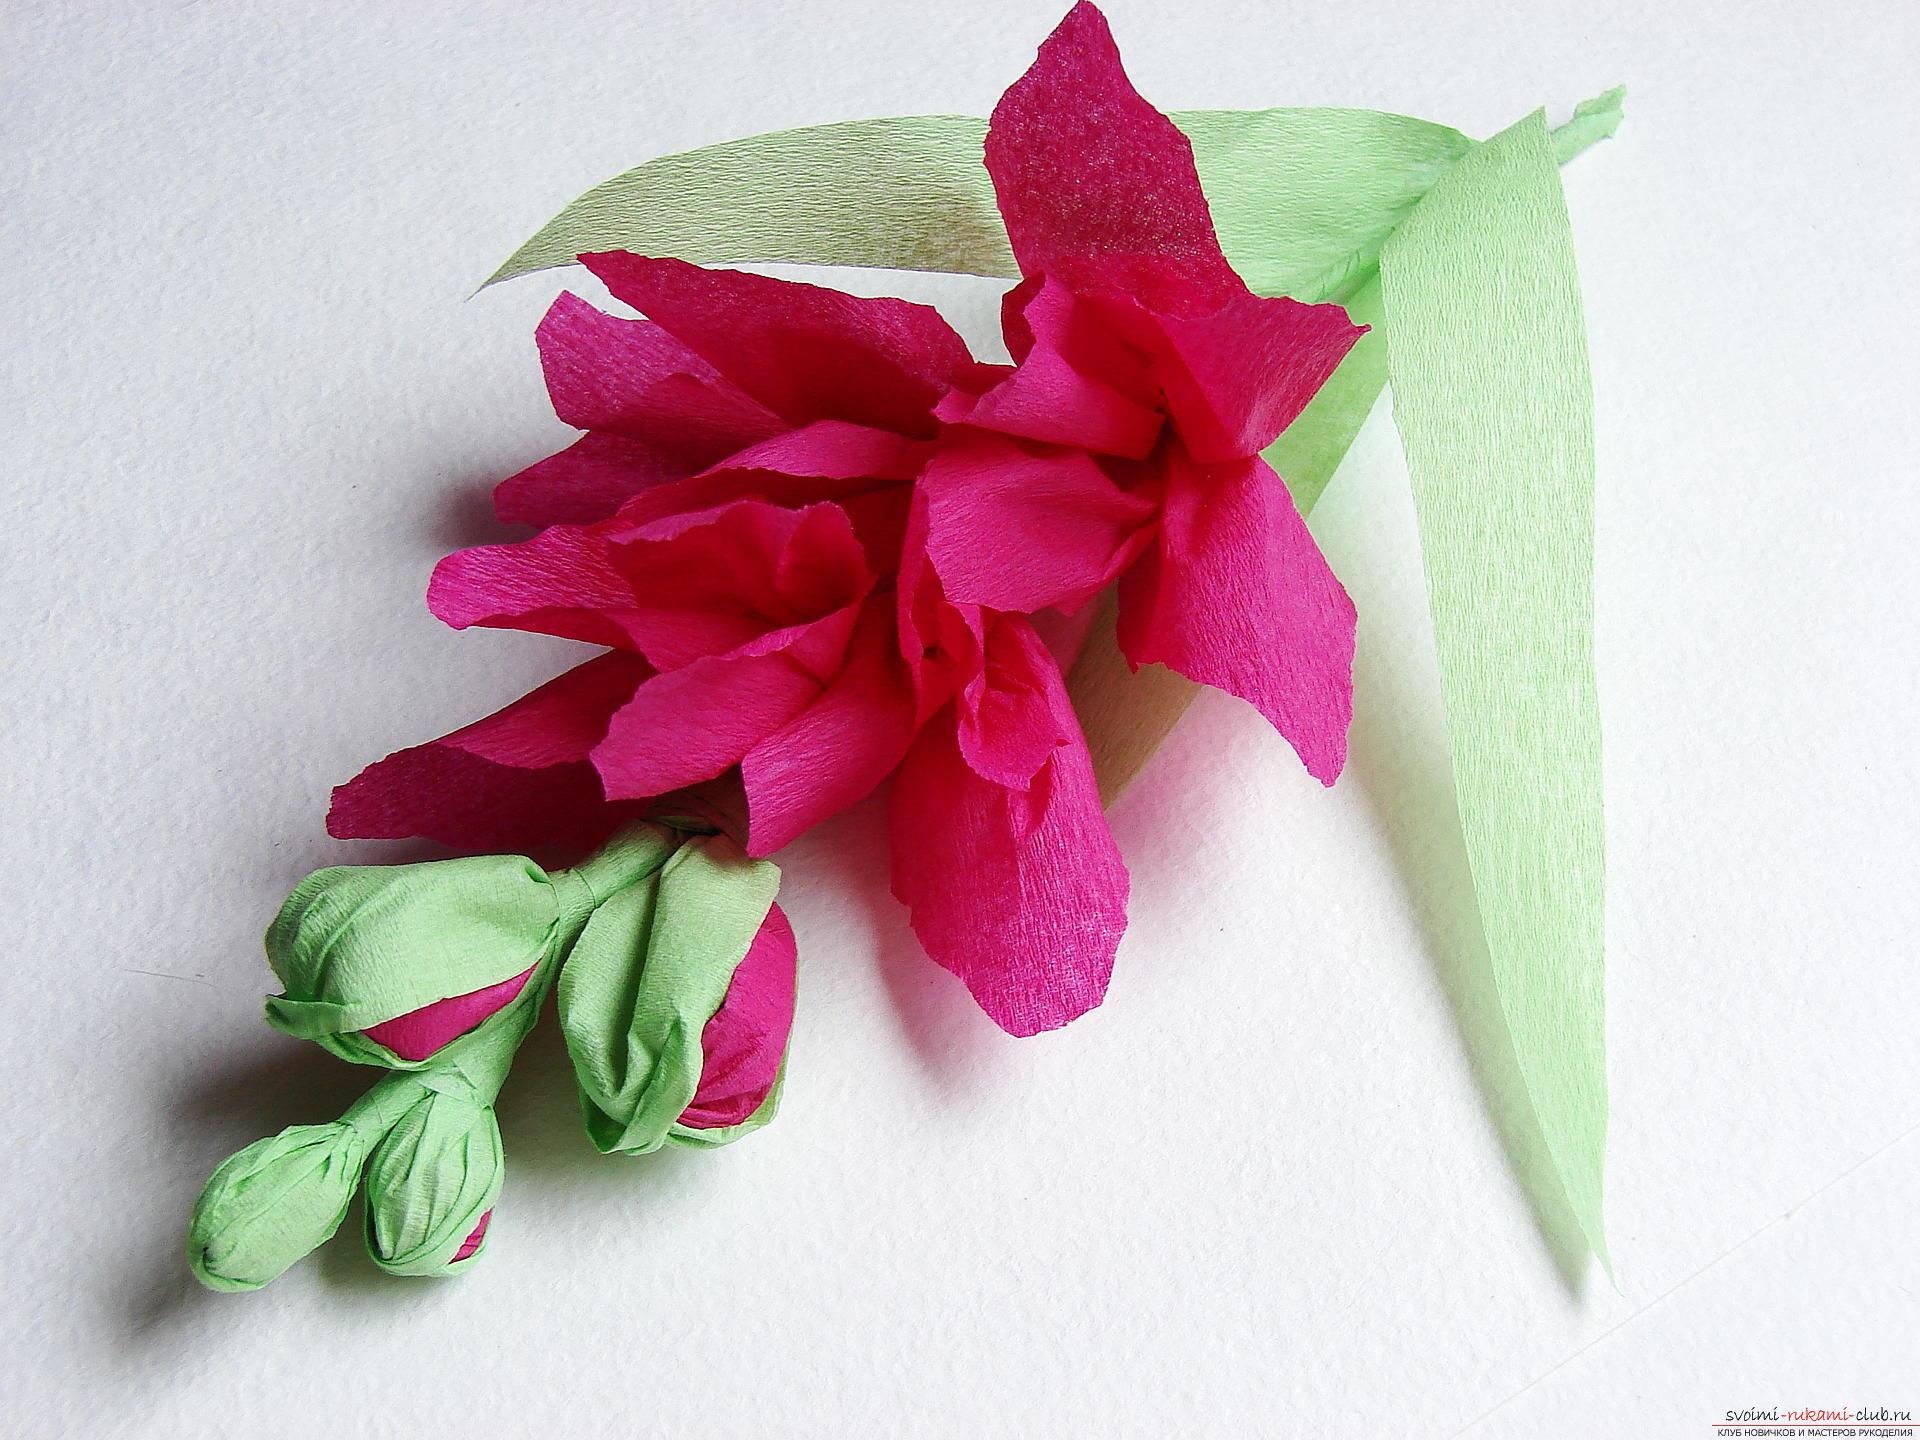 Гладиолус из гофрированной бумаги своими руками пошаговое фото